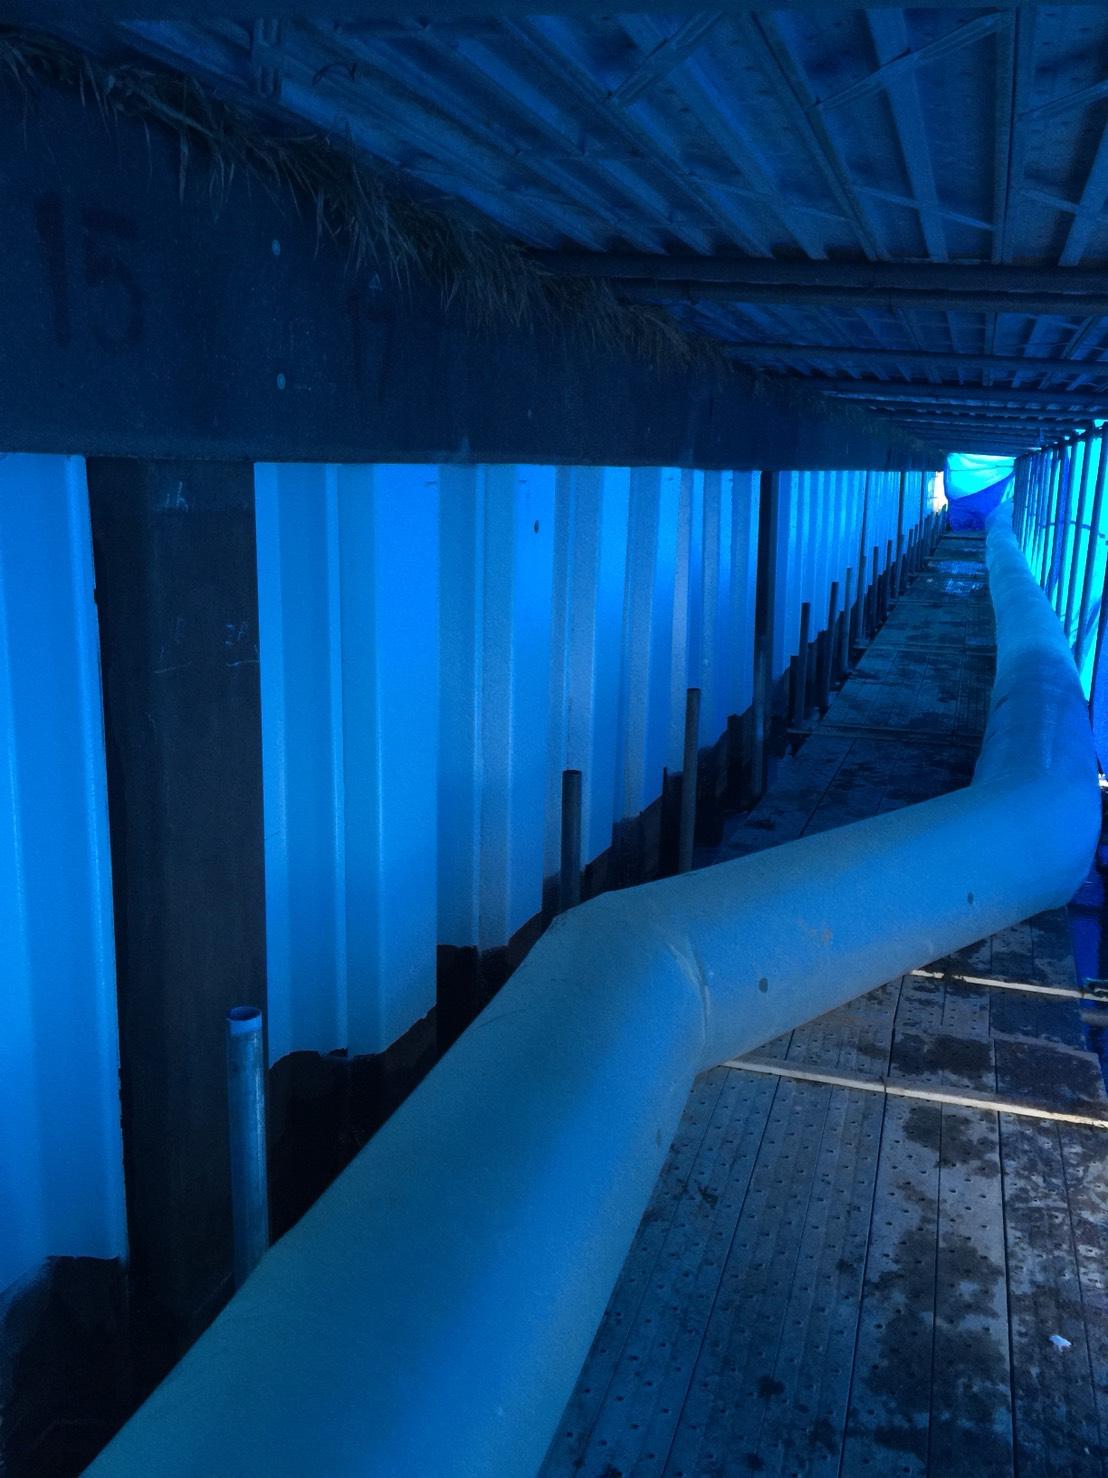 農業用水護岸鋼矢板塗装工事